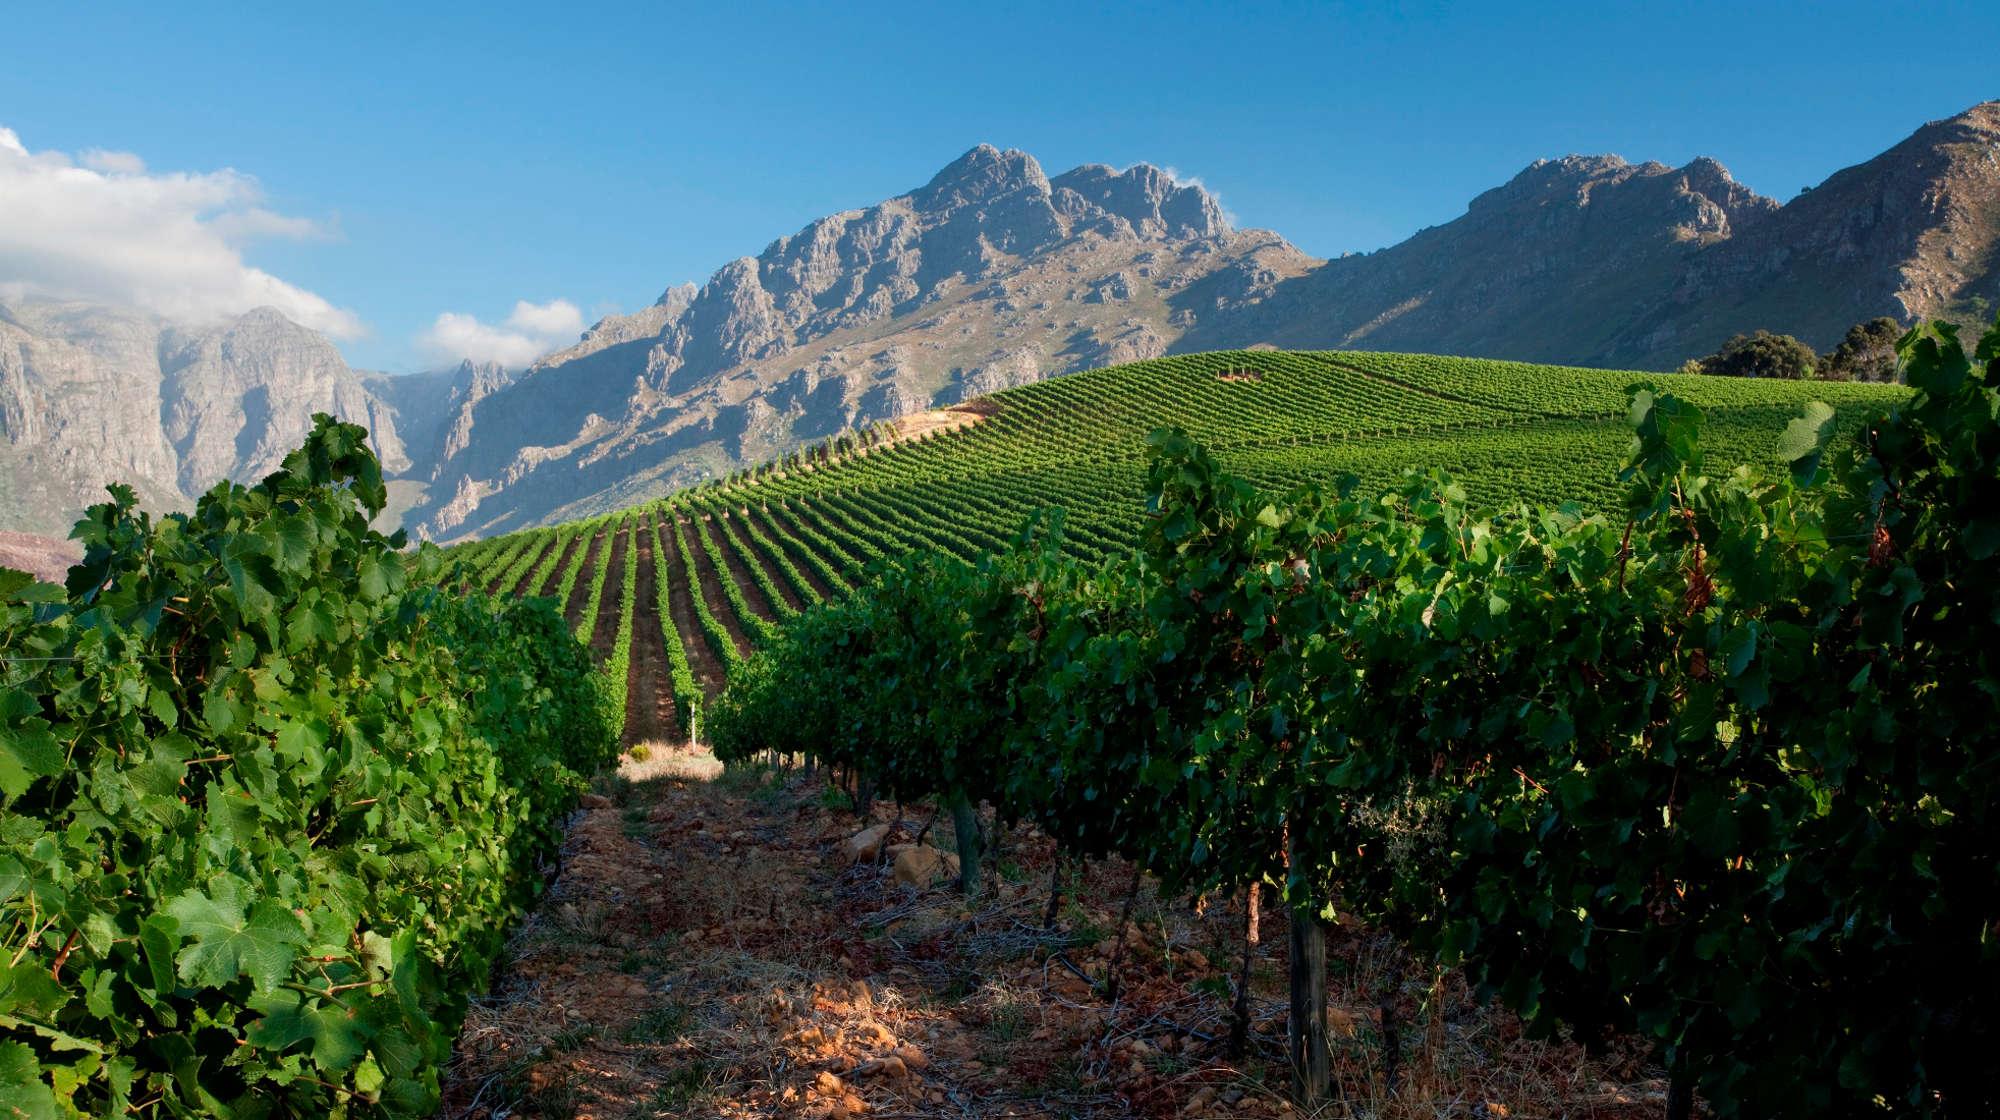 Stellenbosch South Africa S Leading Wine Region Latte